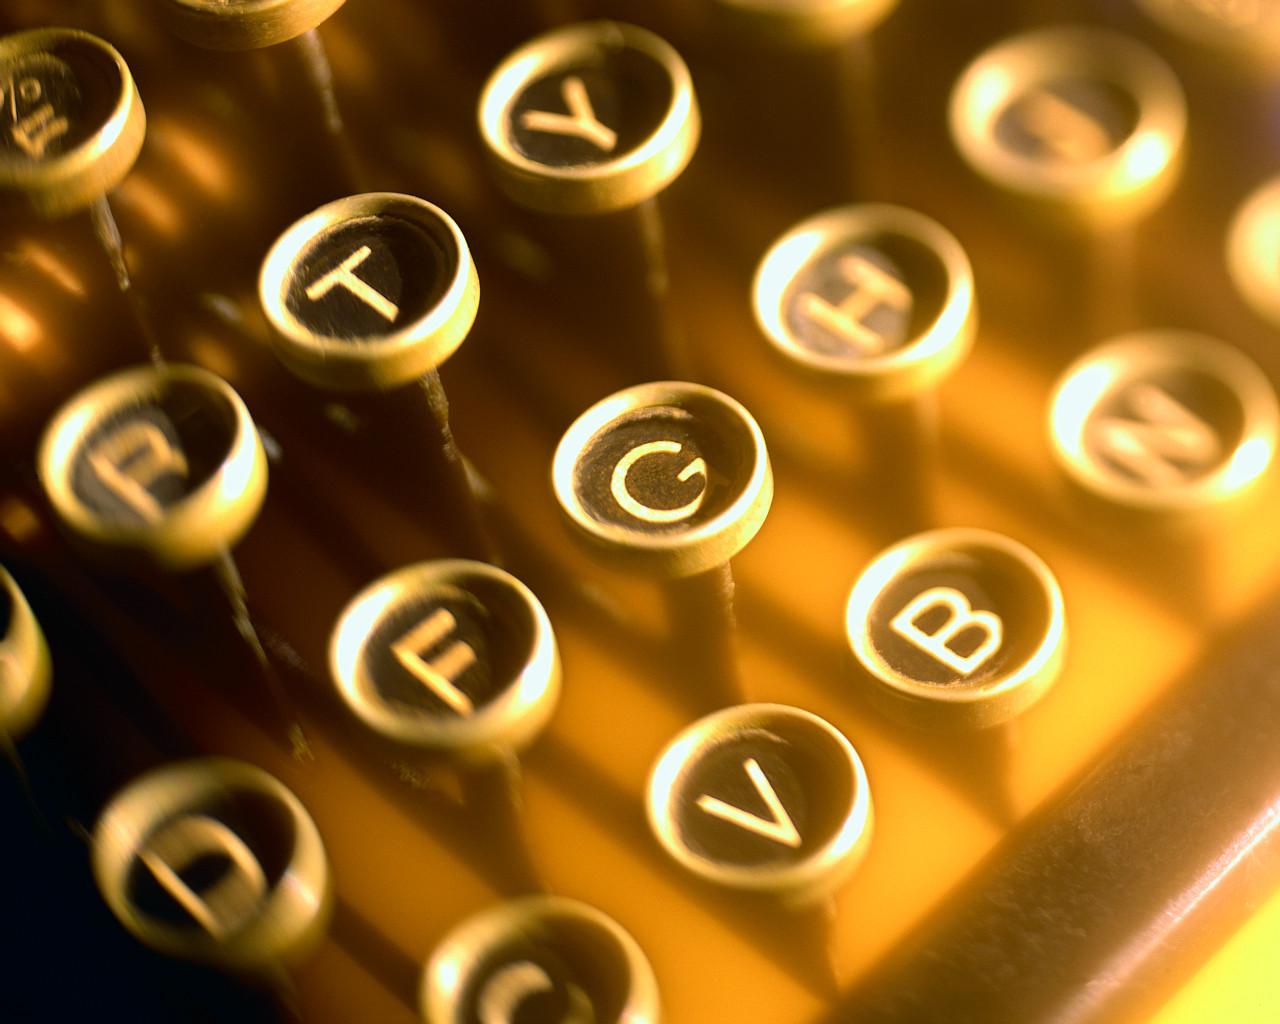 typewriterkeys2.jpg